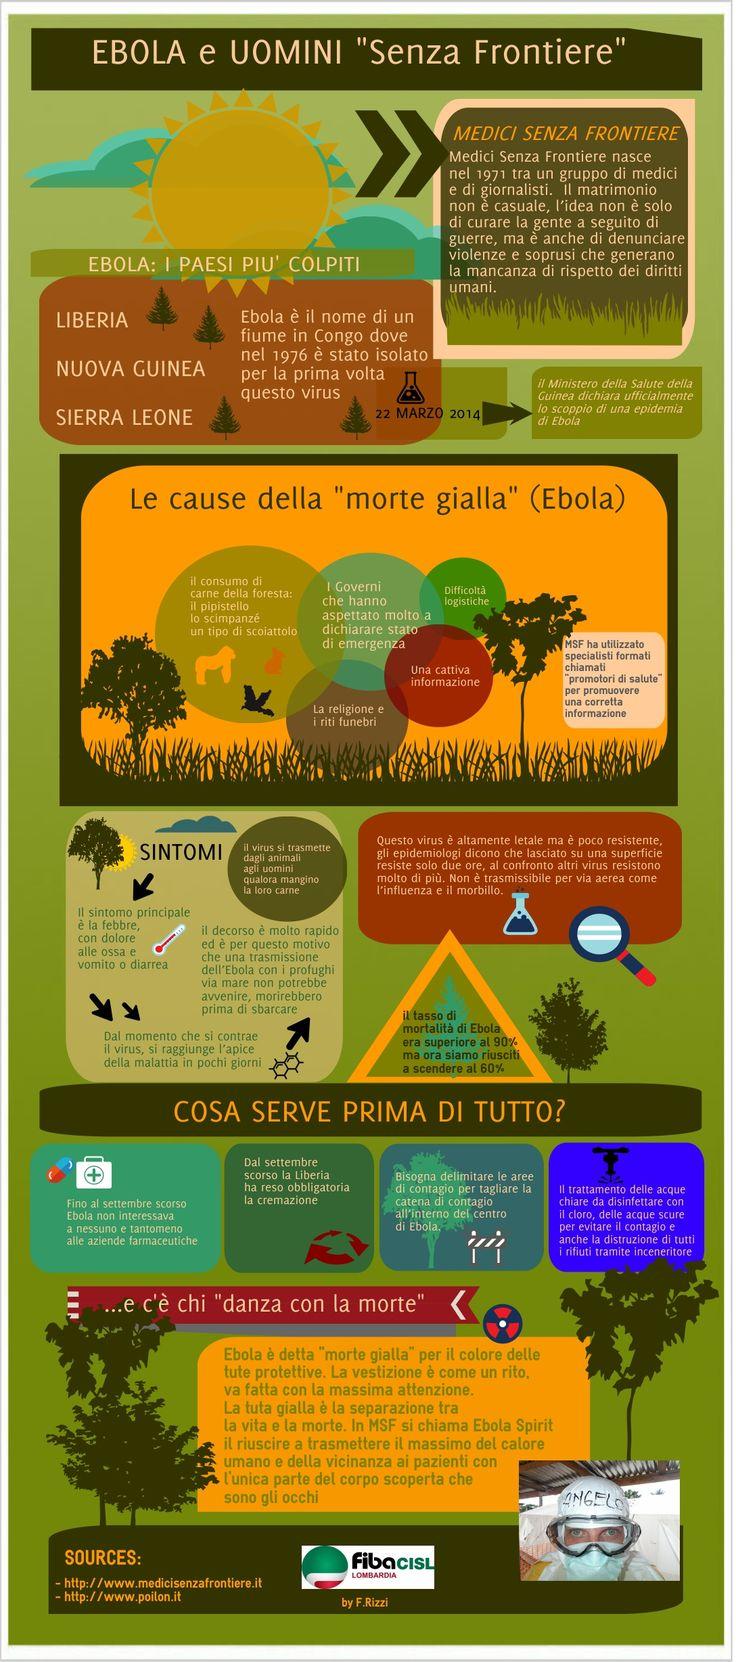 #ebola Angelo Rusconi per Medici senza frontiere e Poilon